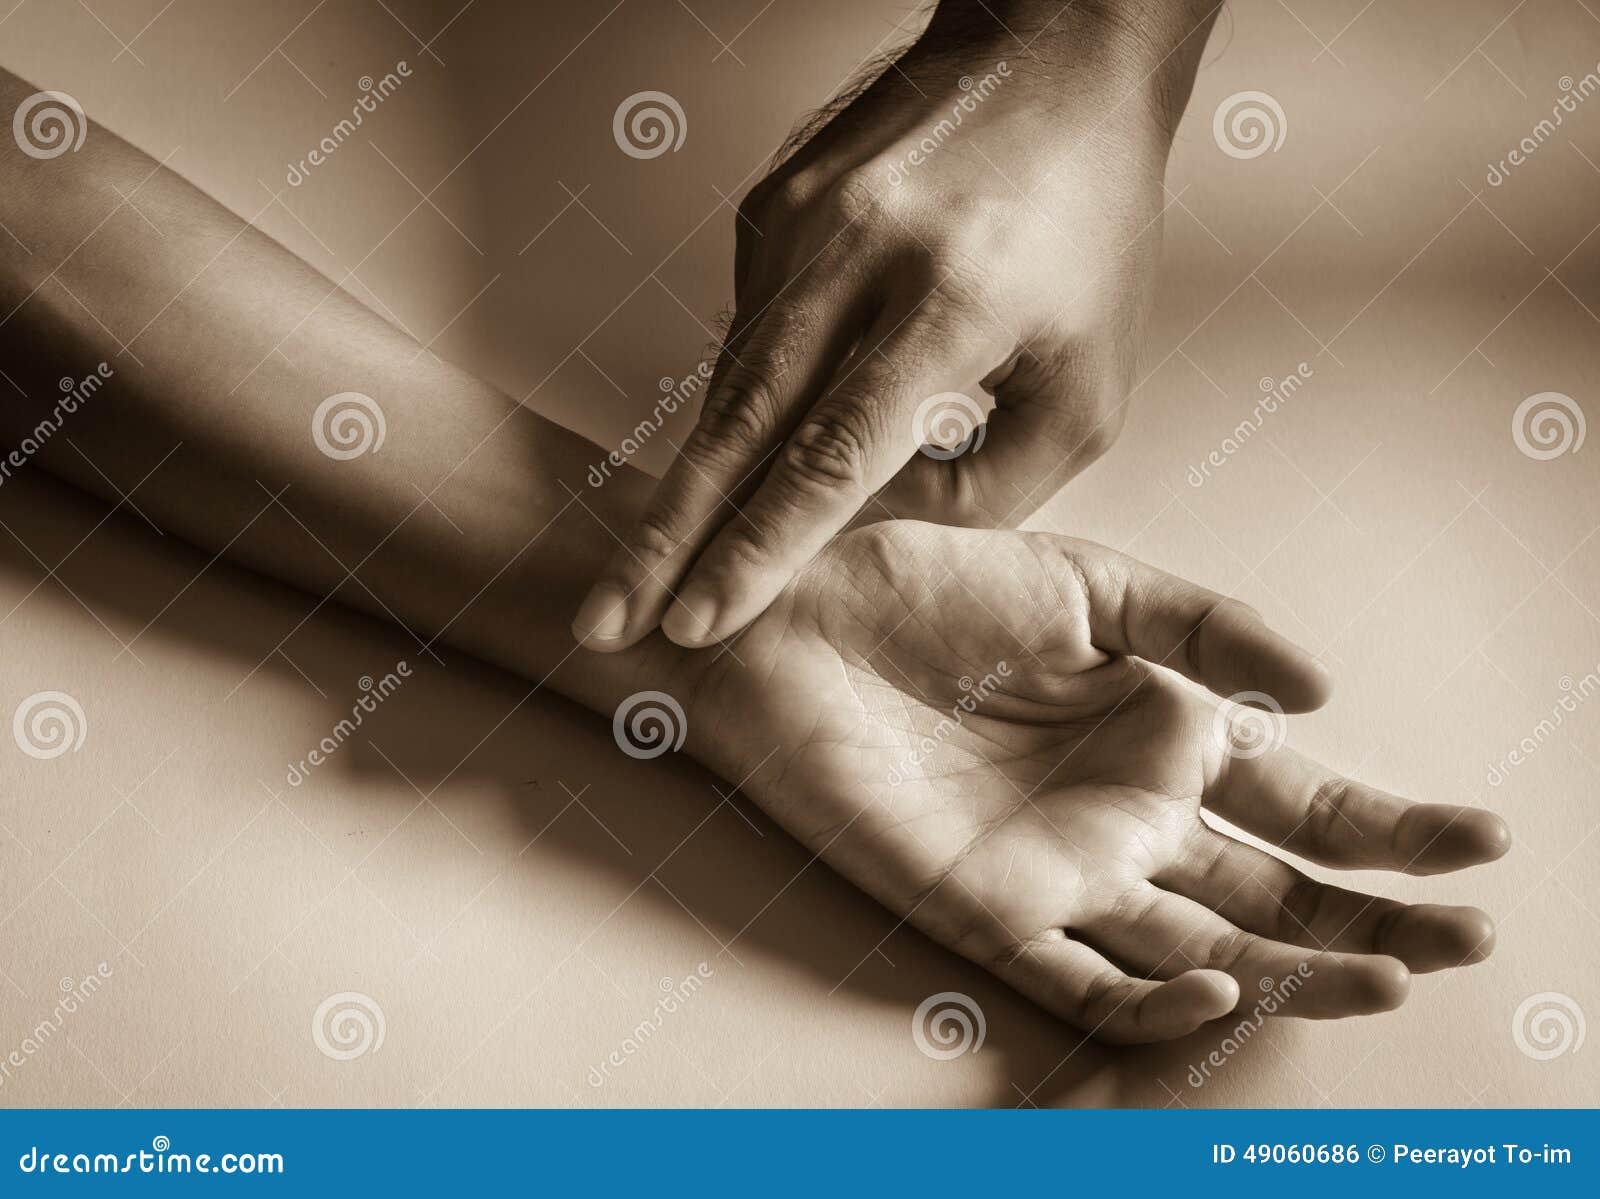 Σφυγμός διαγνωστικός με το χέρι